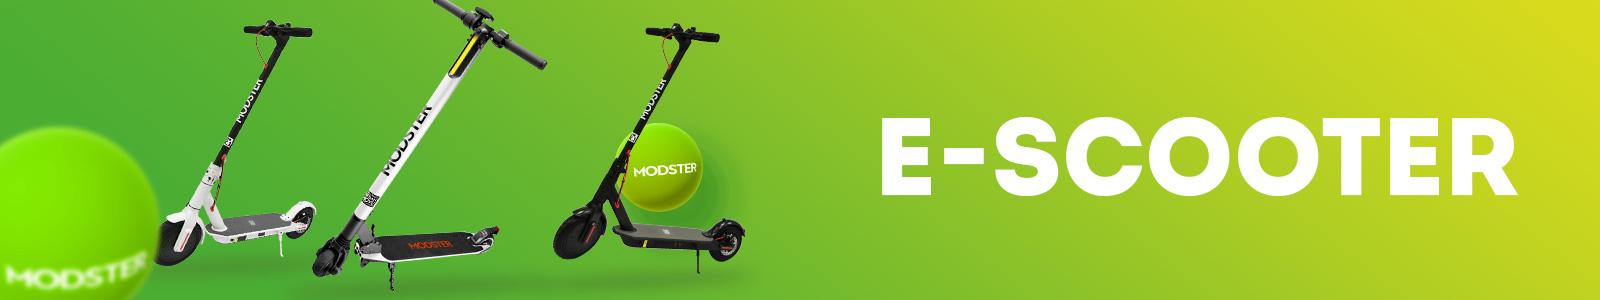 Modster-e-Scooter-electro-scooter-emobility-e-mobility-escooter-kickscooter-stuntscooter